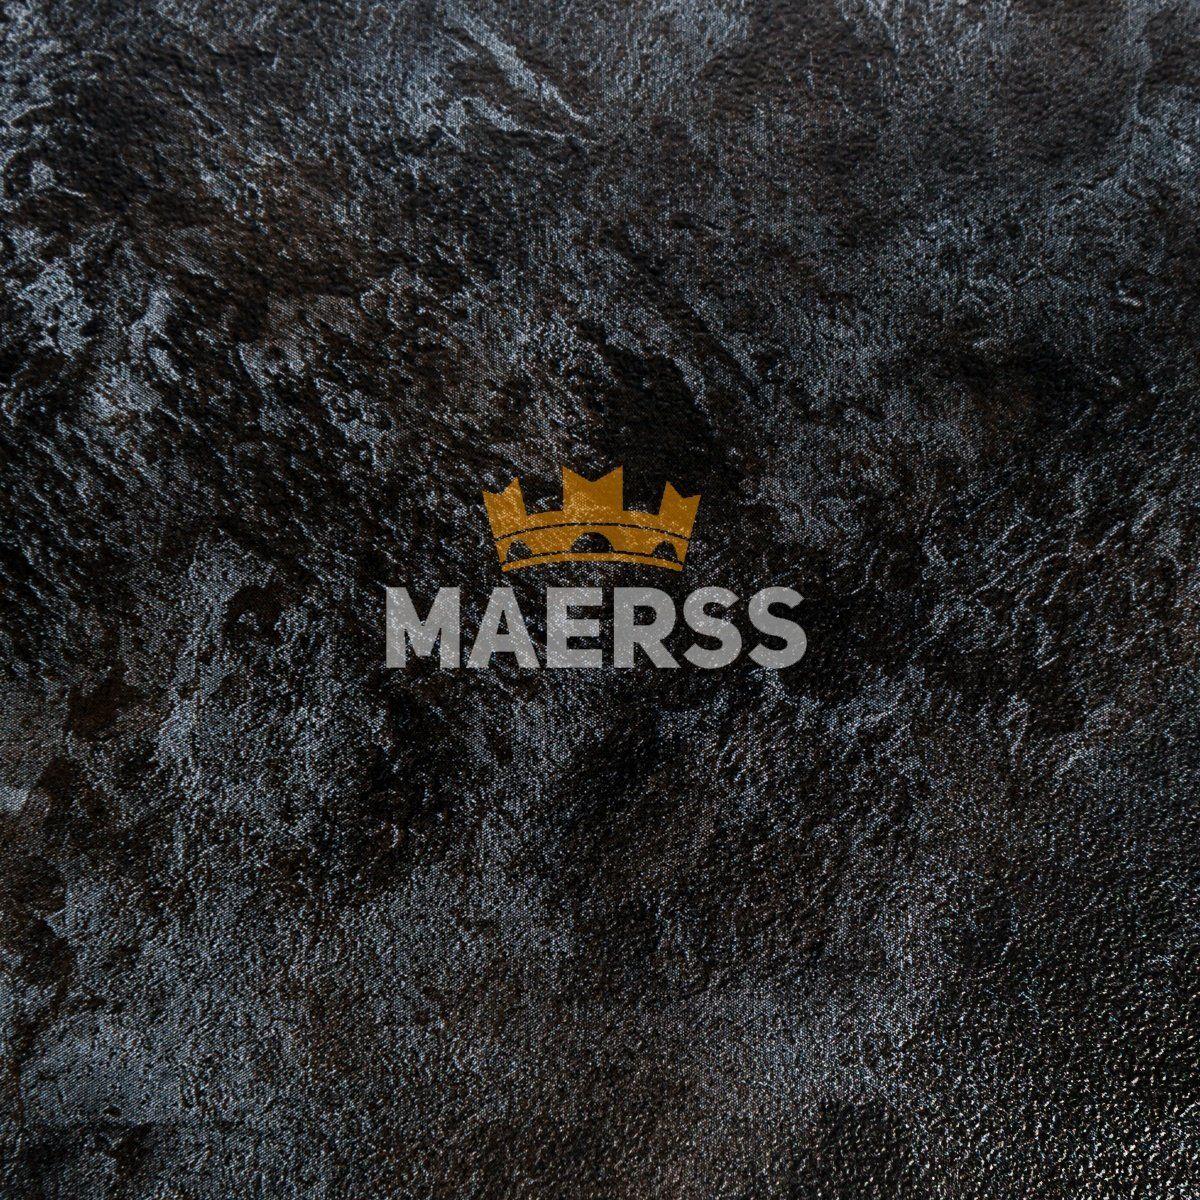 Столешница матовая 4046/S 2гр. Кастилло темный ДСП / Пластик купить в интернет-магазине МАЕРСС